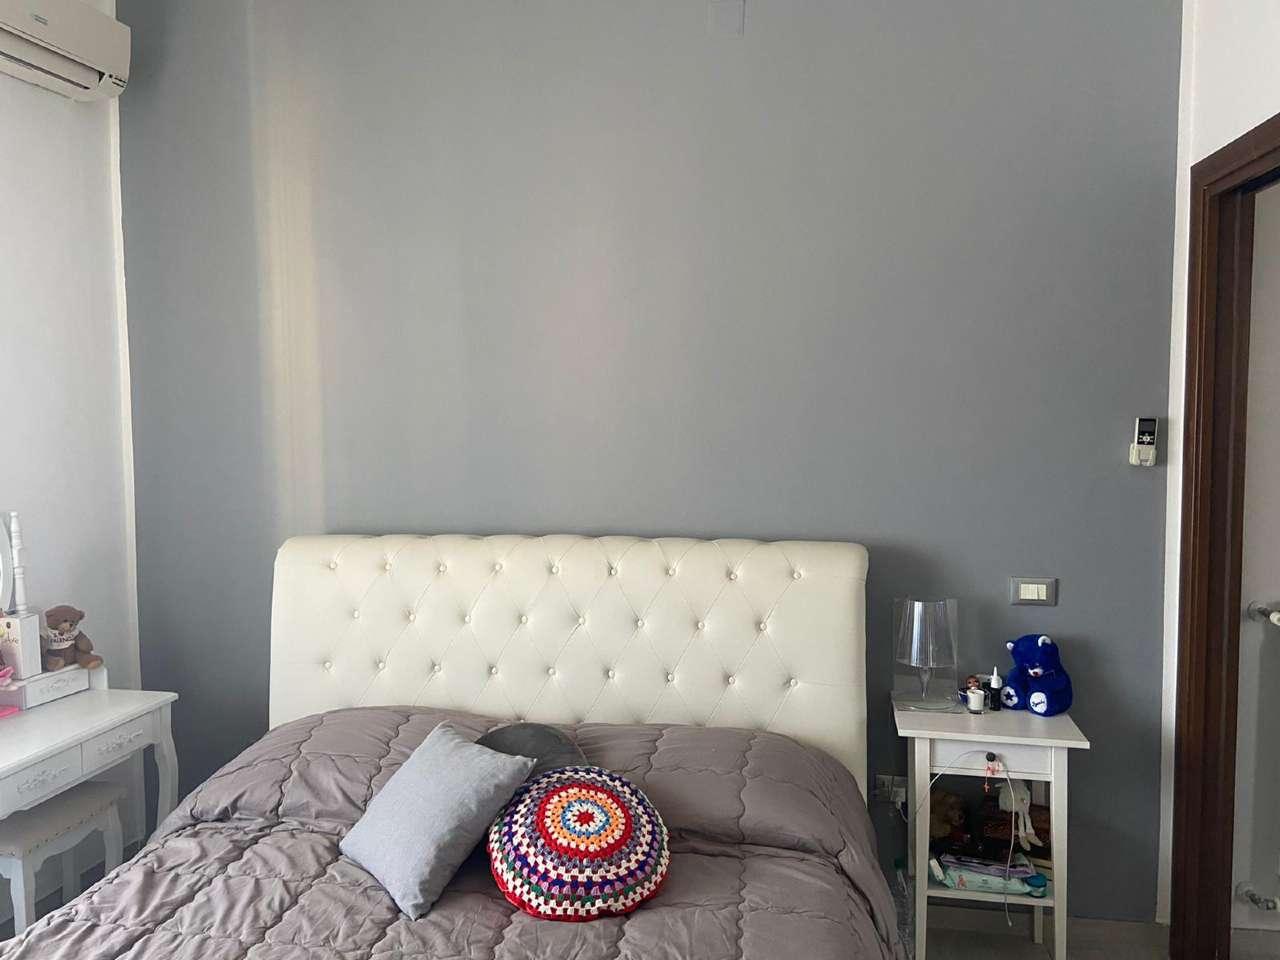 Appartamento, Viale degli Alimena, Centro, Cosenza, foto 10